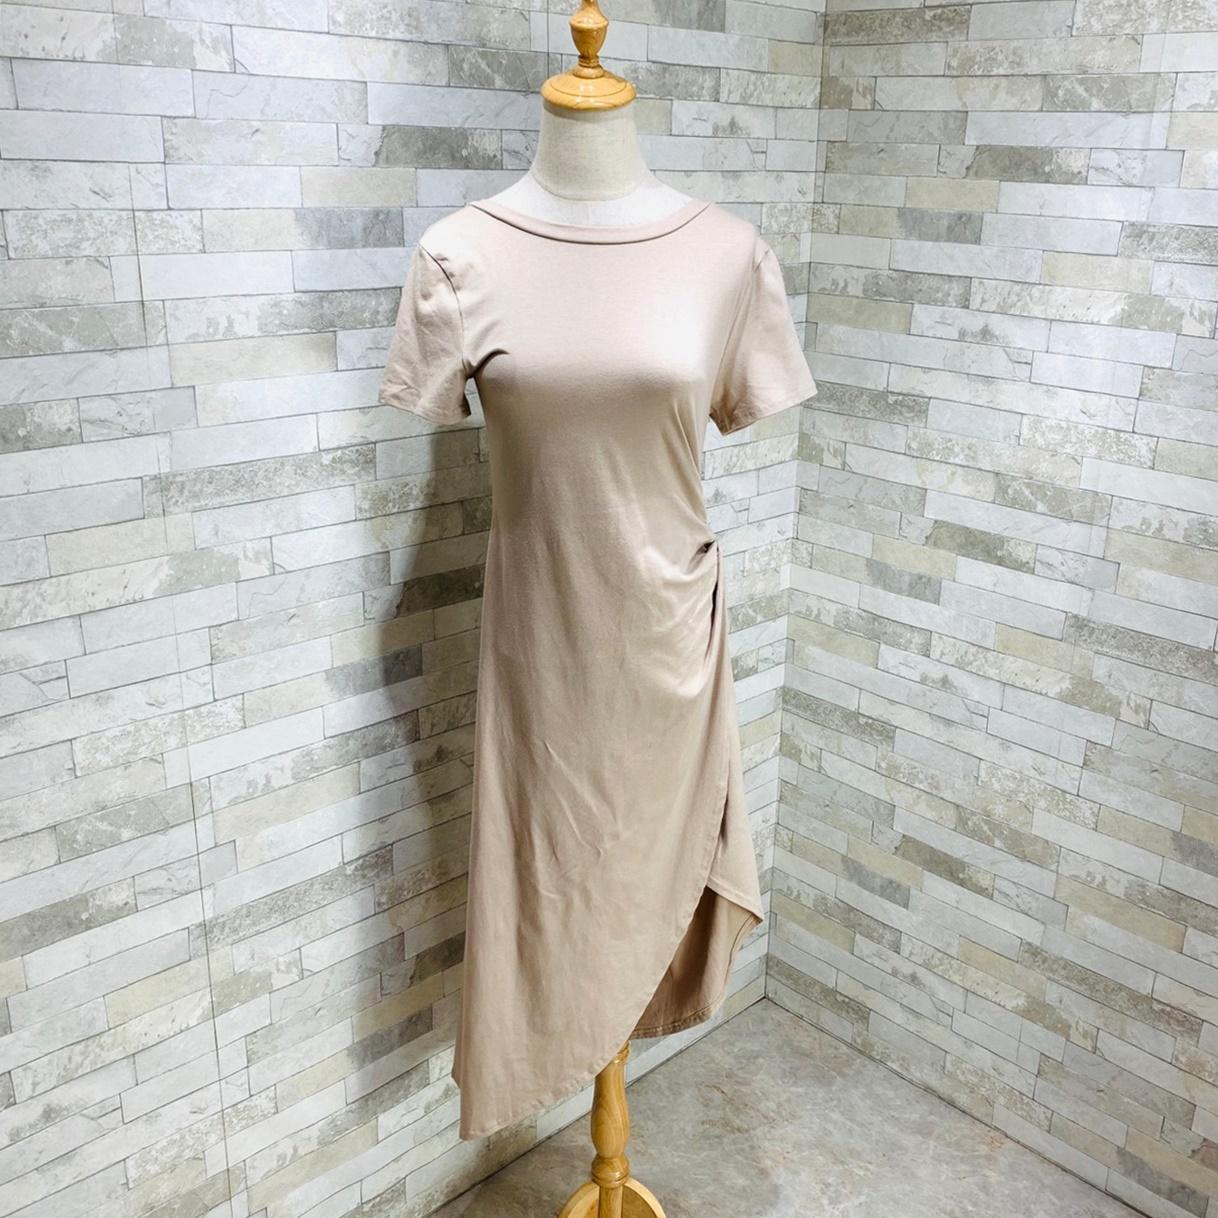 韓国 ファッション ワンピース 夏 春 カジュアル PTXI188  アシンメトリー ツイスト ドレープ スリット オルチャン シンプル 定番 セレカジの写真13枚目